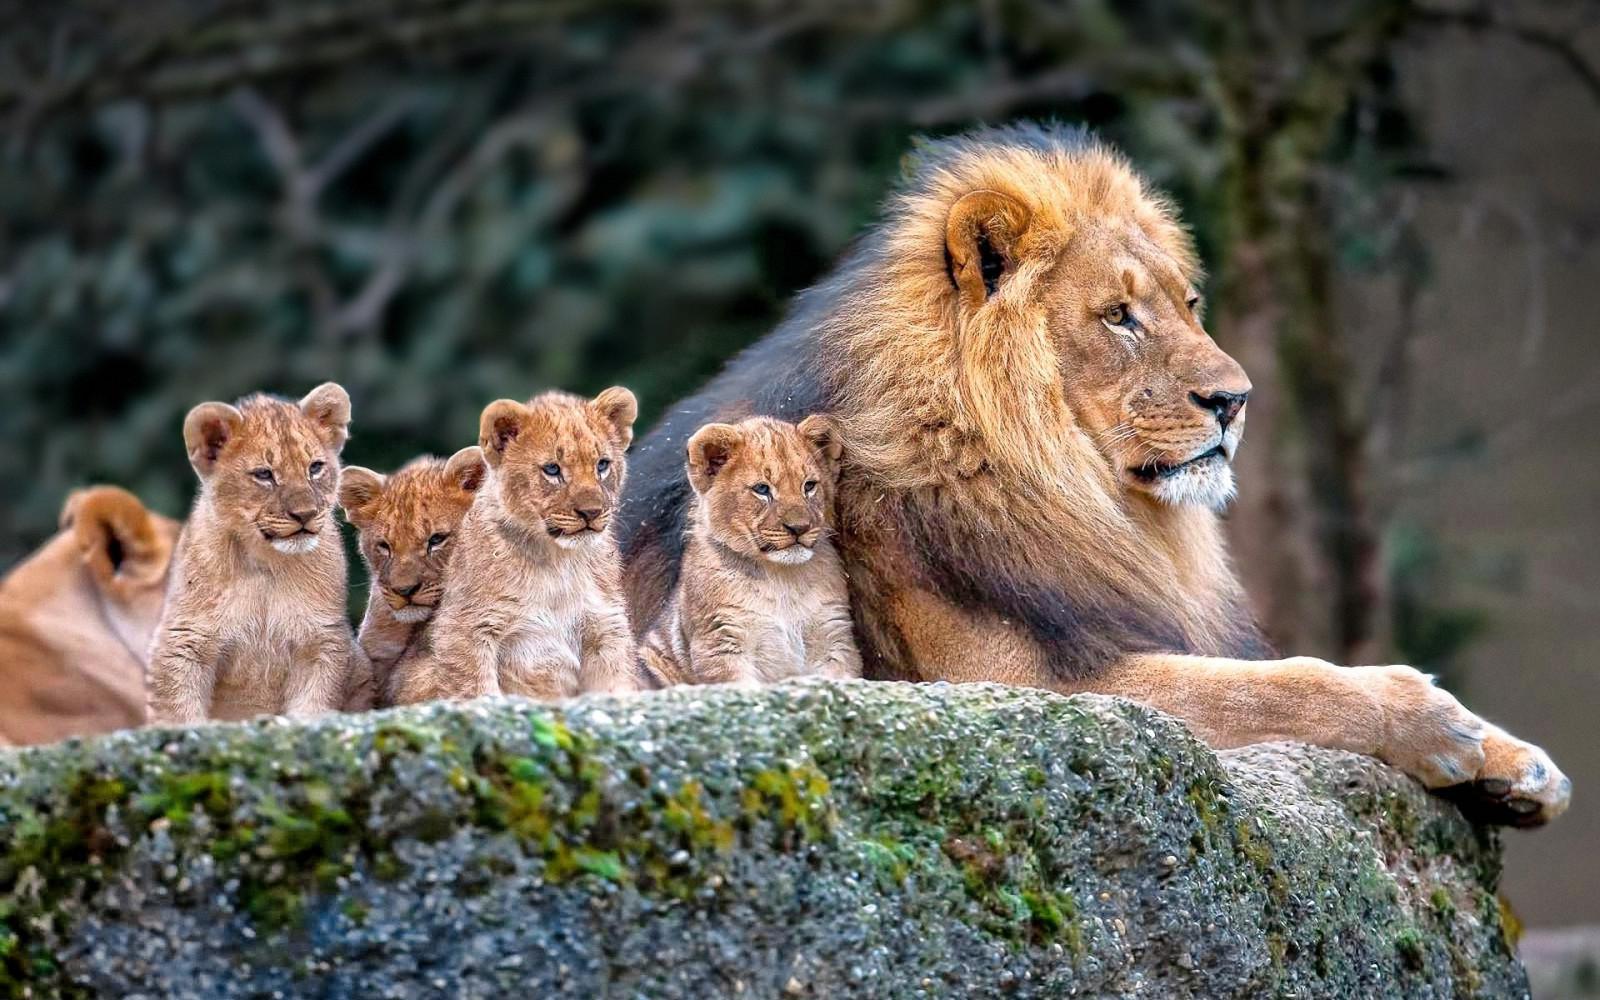 Fondos De Pantalla De Animales Bebes: Fondos De Pantalla : Animales, Naturaleza, León, Fauna